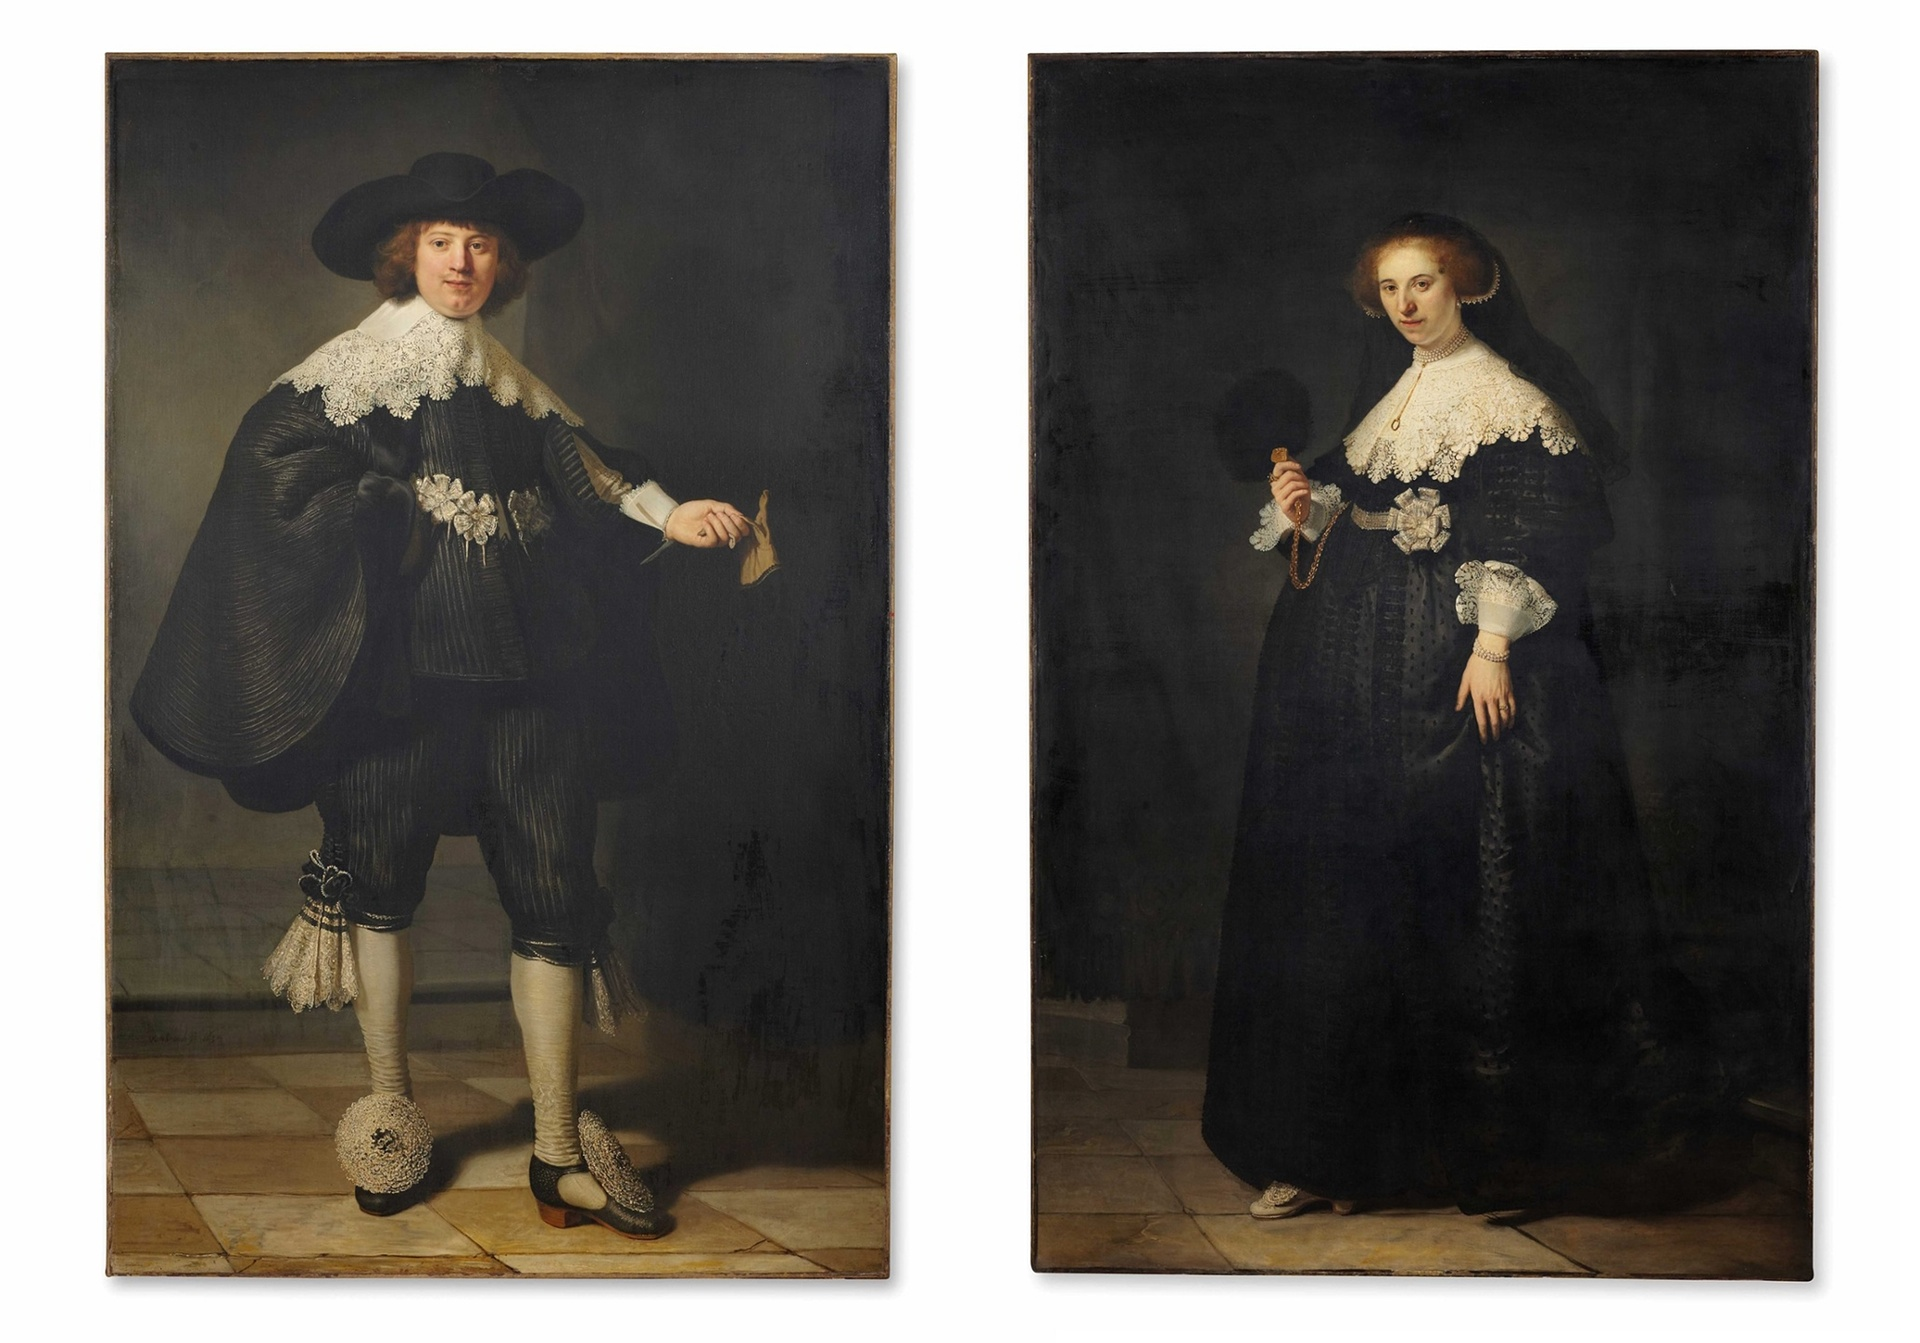 Самые дорогие картины мира - Рембрандт ван Рейн «Портреты Мартена Сольманса и Опьен Коппит»